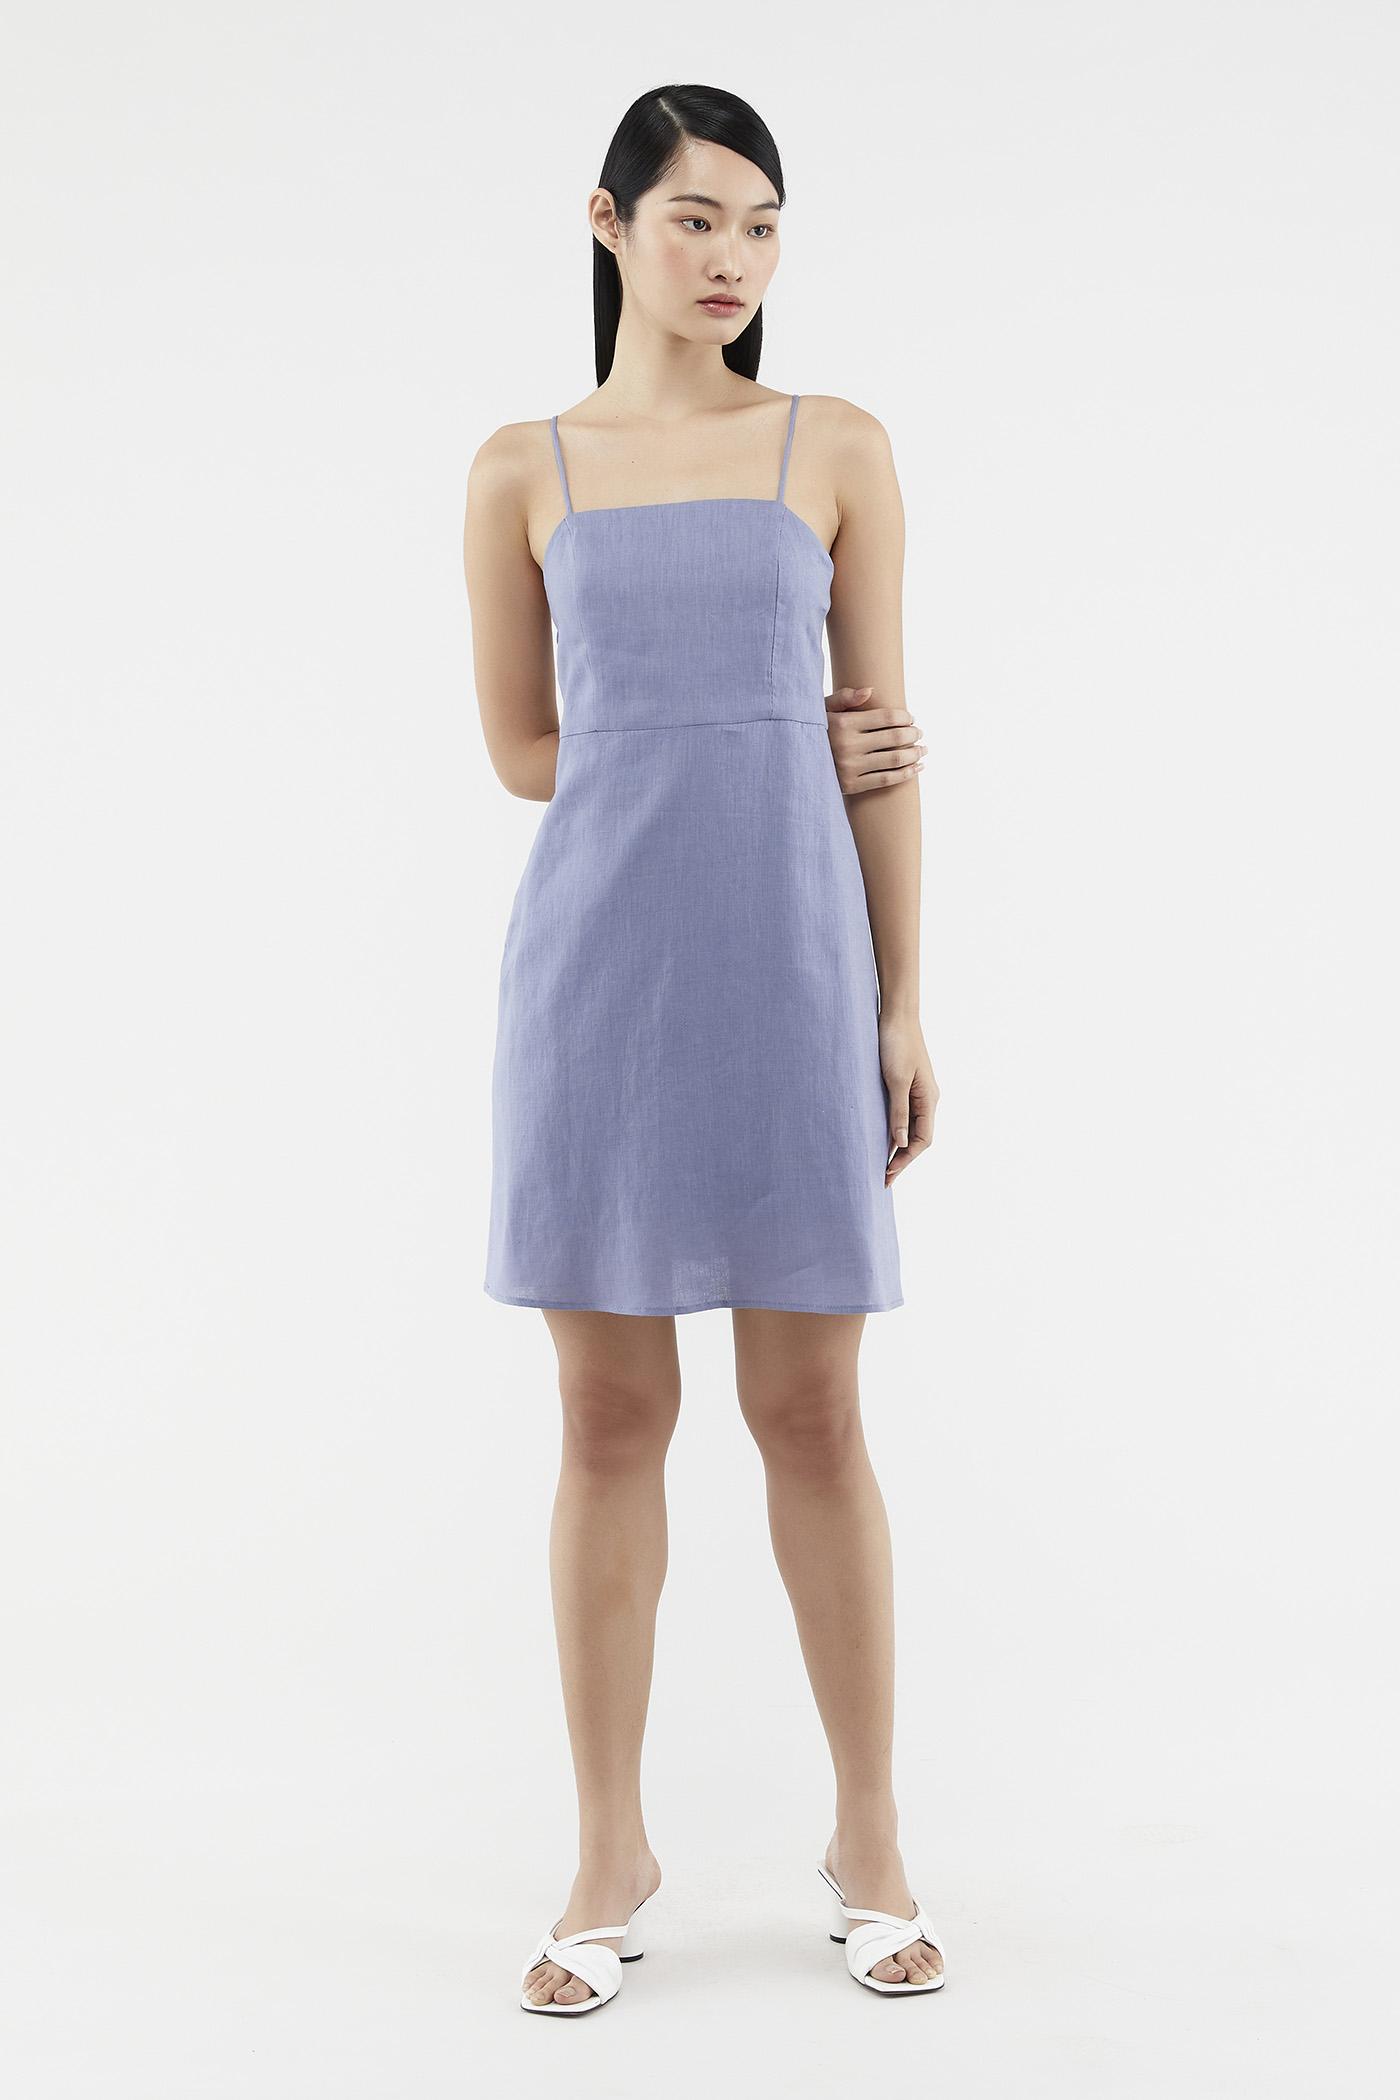 Veera Linen Mini Dress